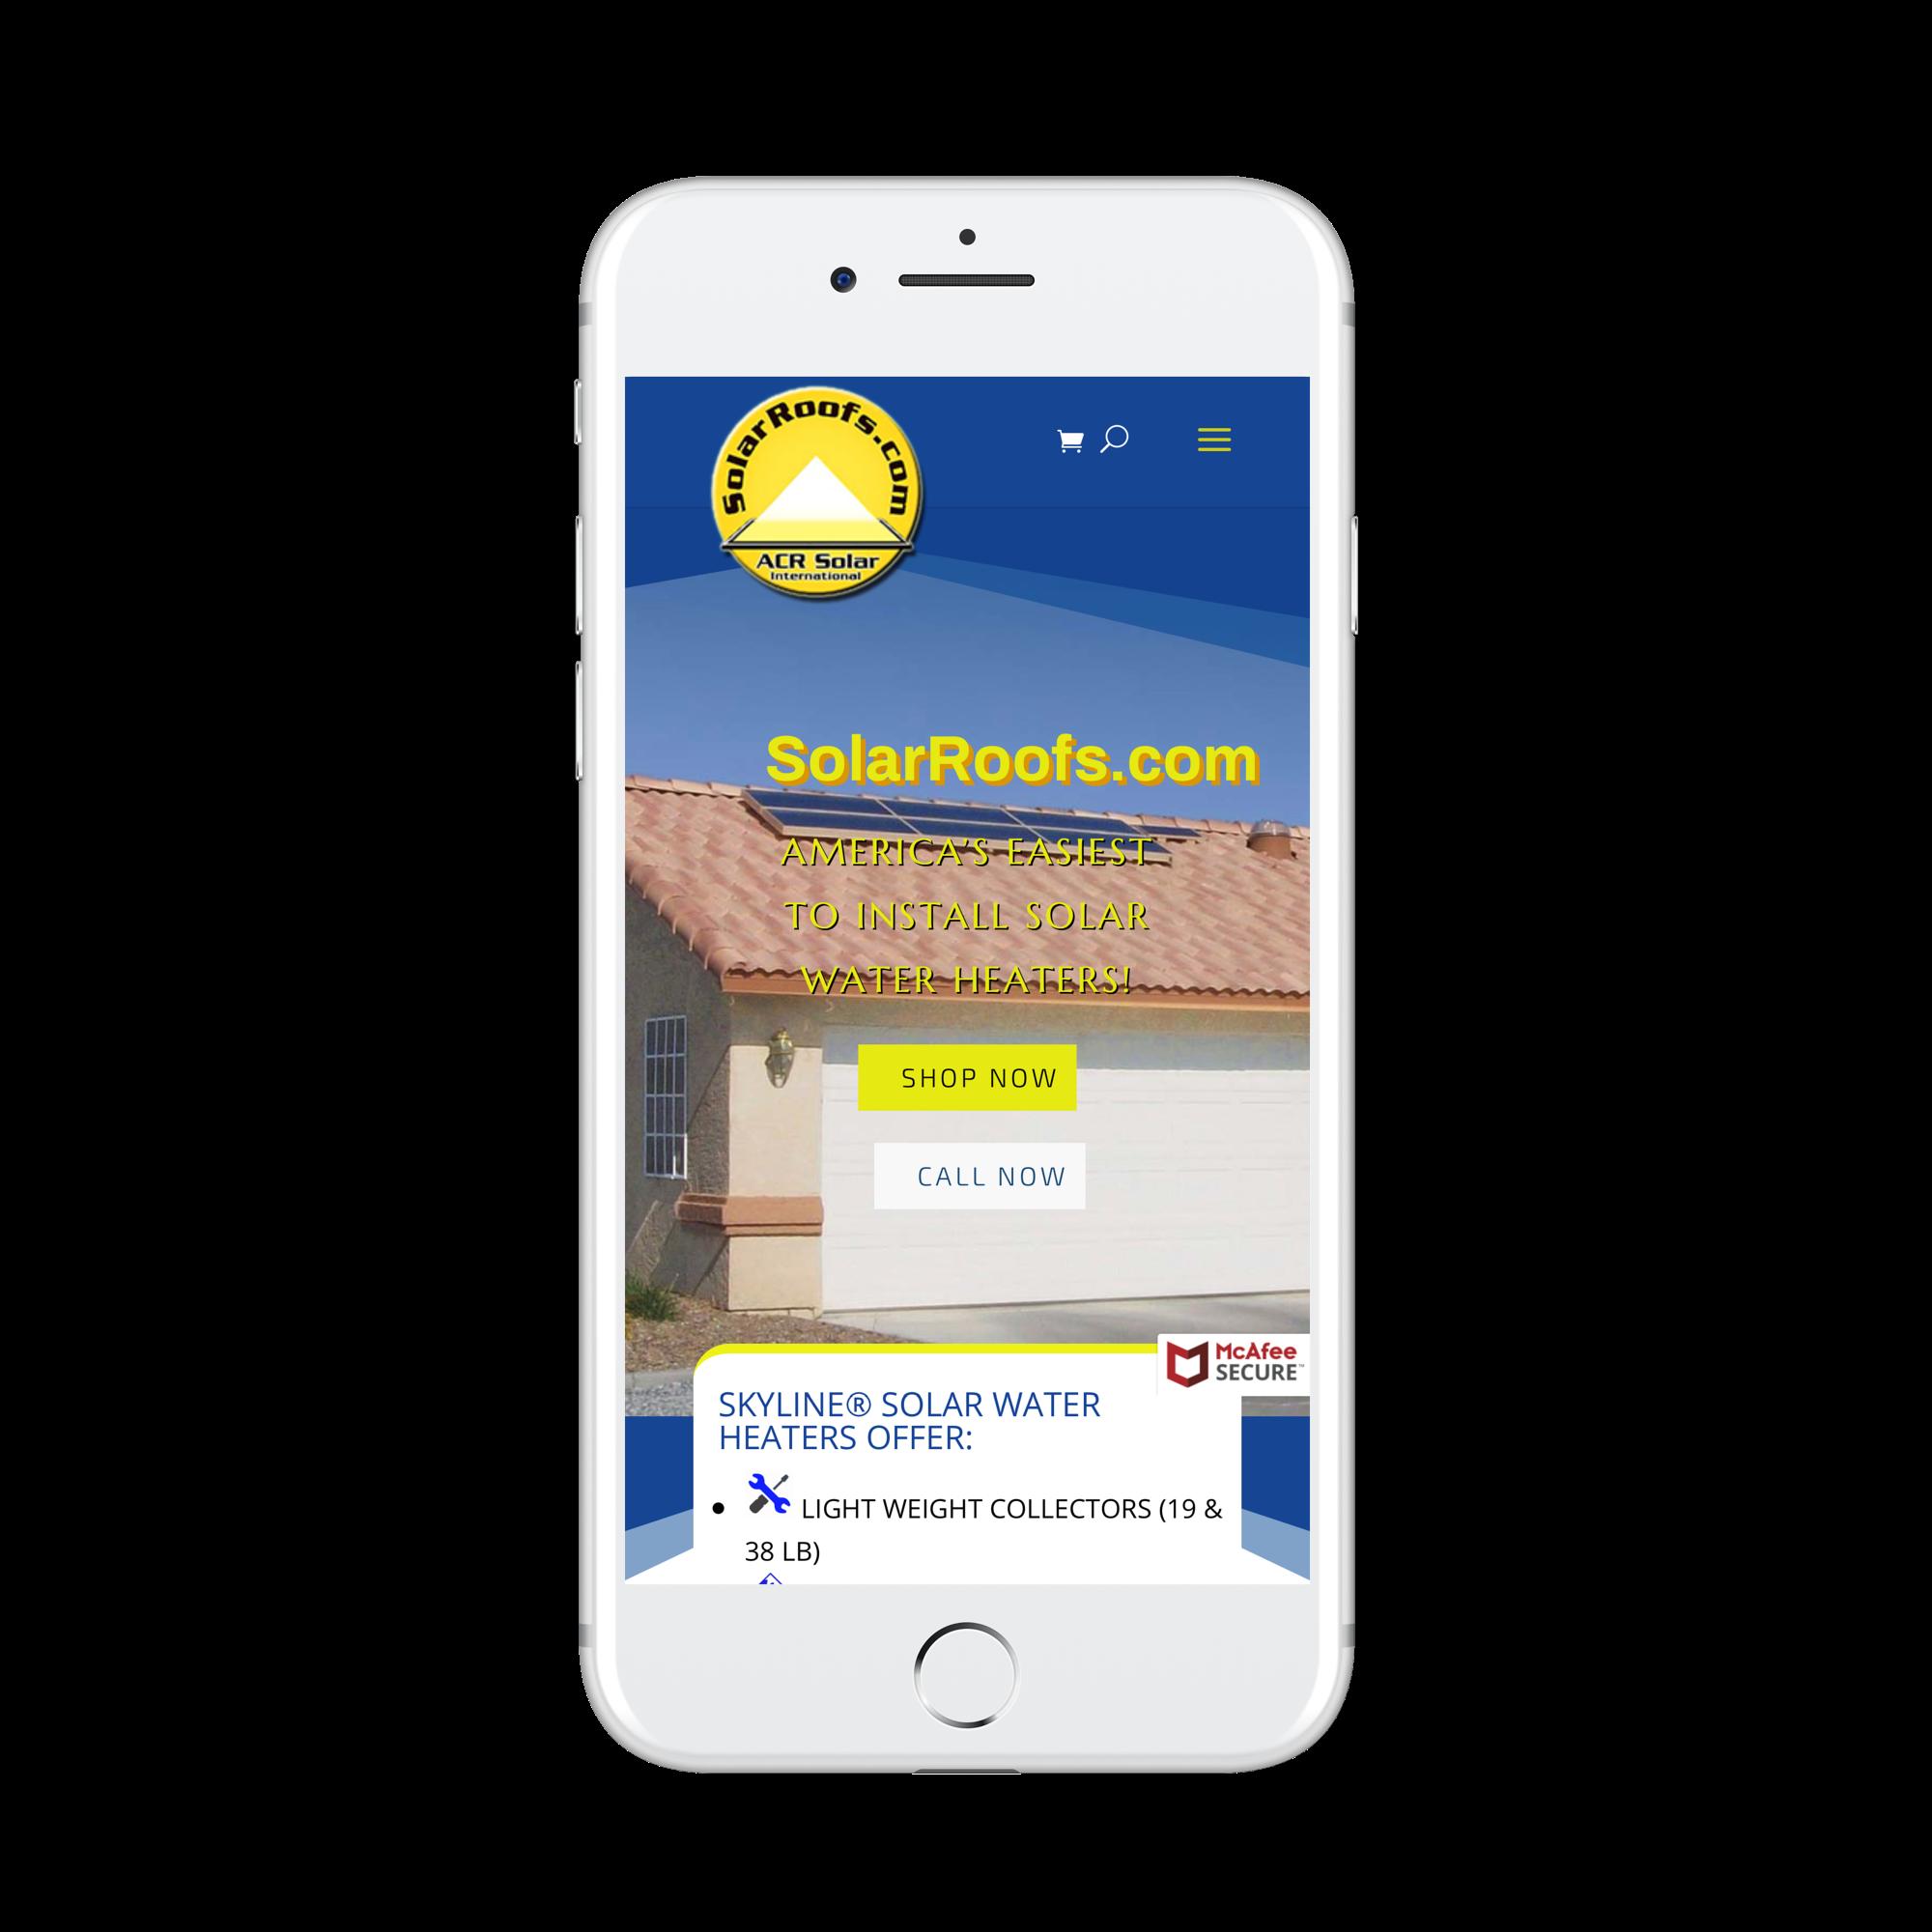 SolarRoofs.com